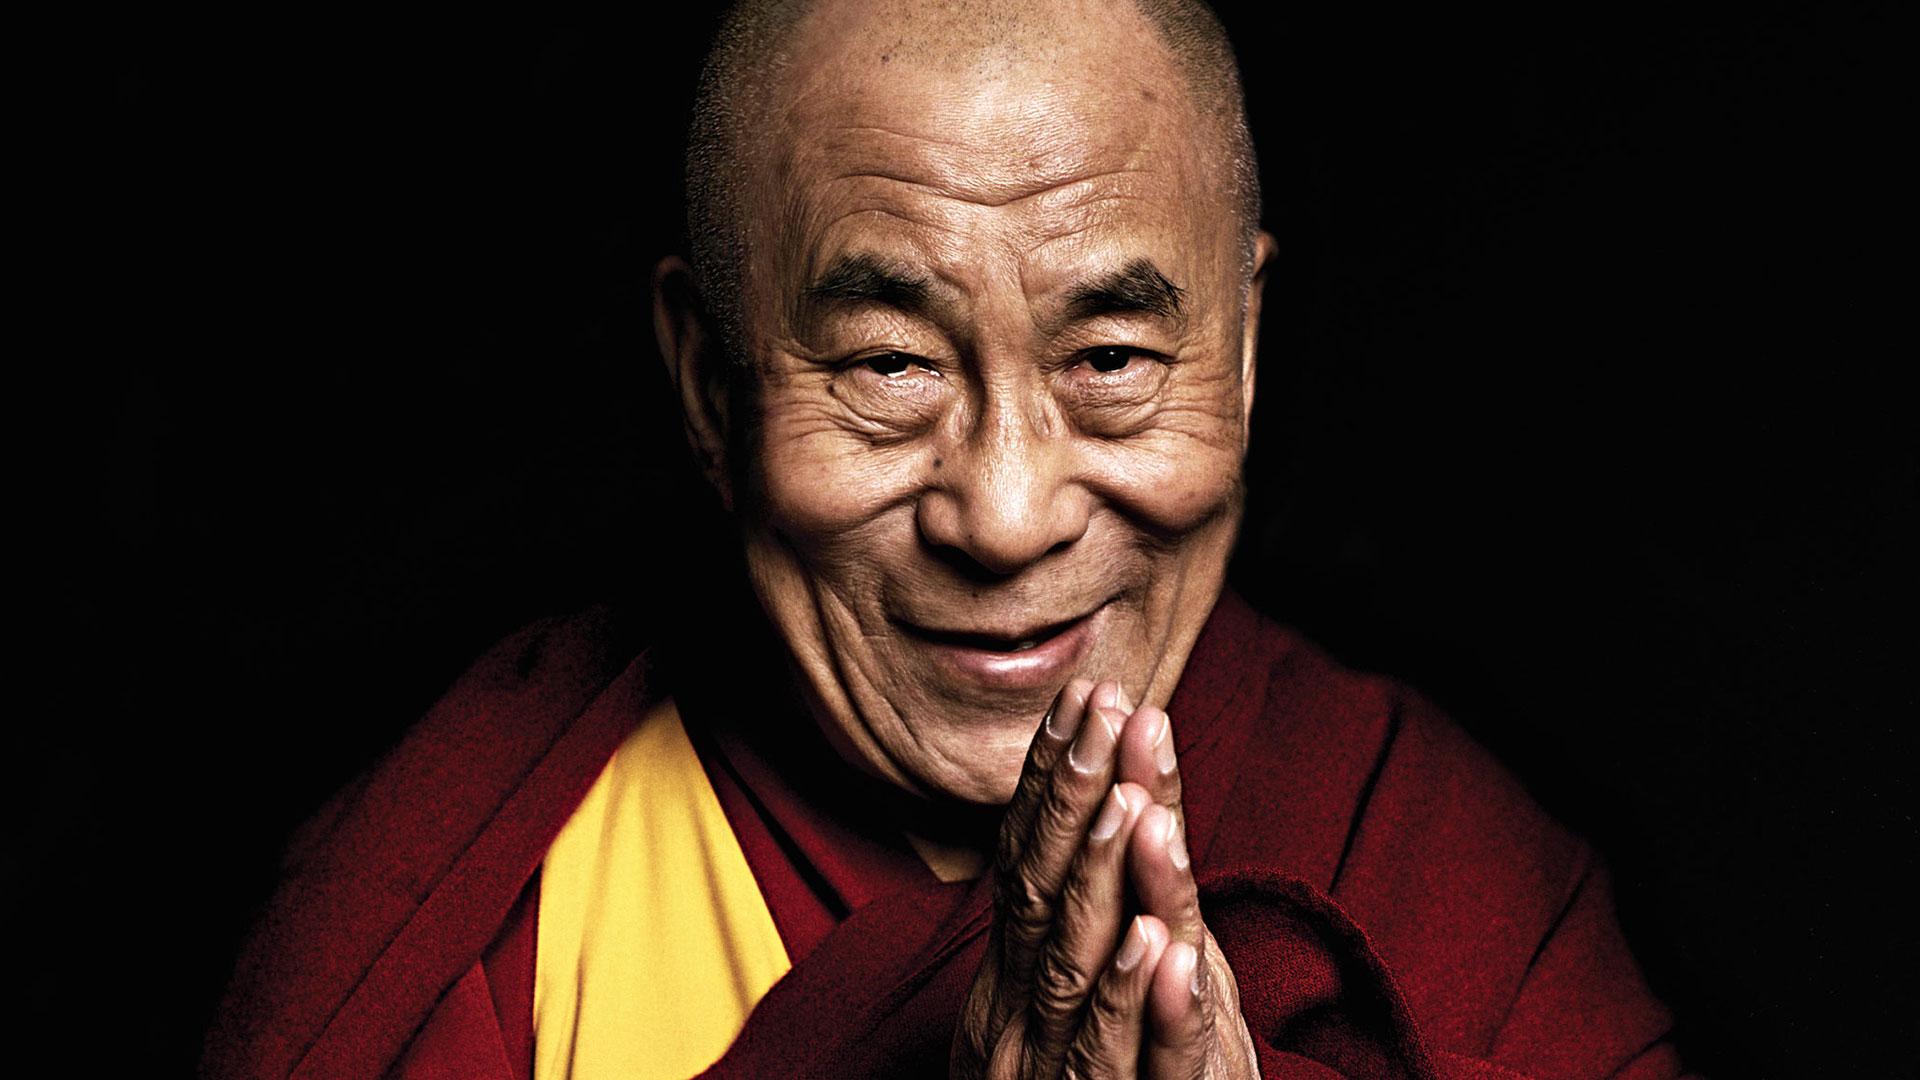 Die Nobelpreis-Rede des Dalai Lama